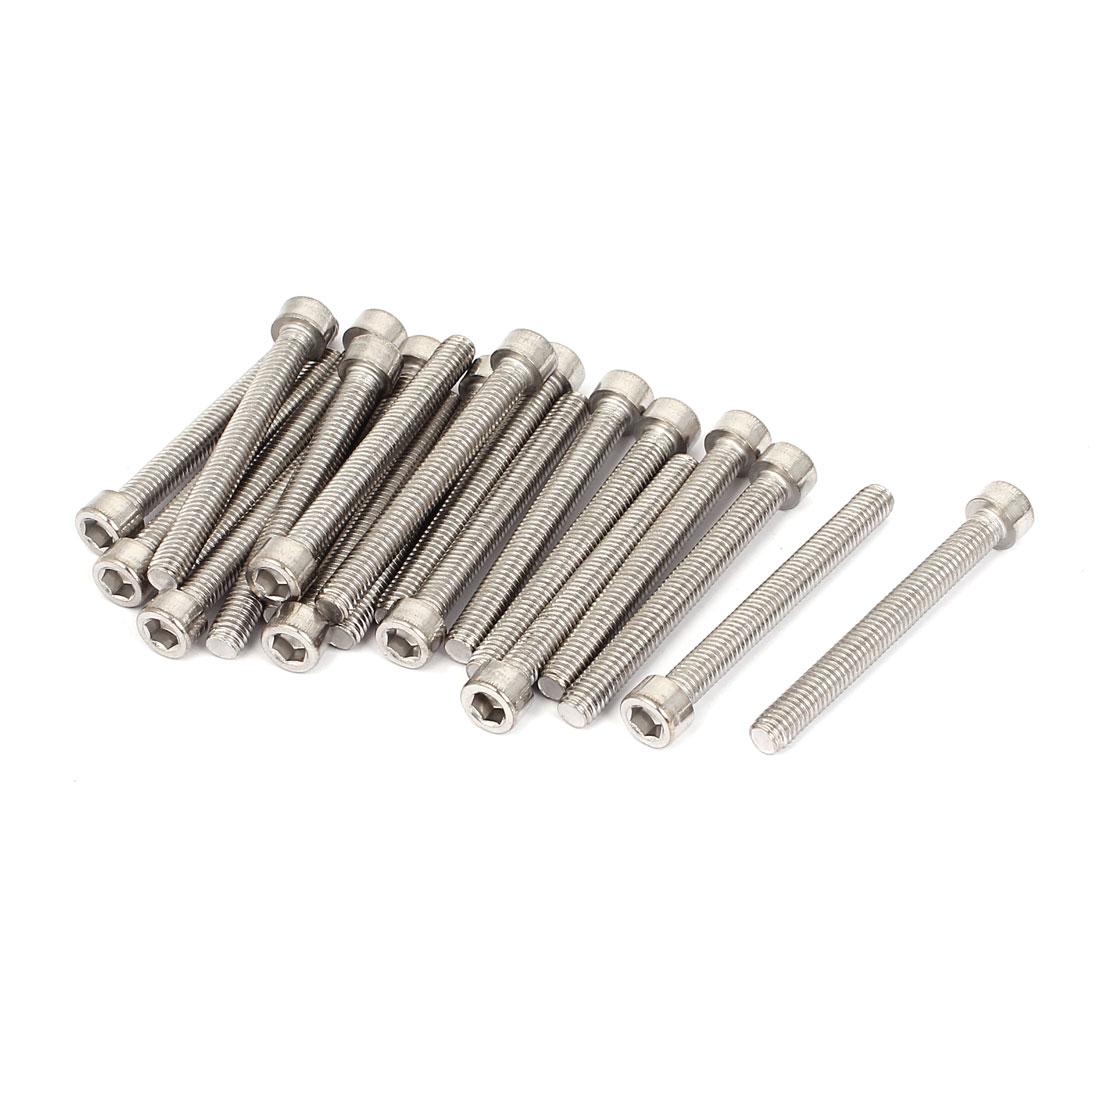 20pcs 6mmx55mm Stainless Steel Hex Socket Head Cap Bolt Machine Screws 60mm Long